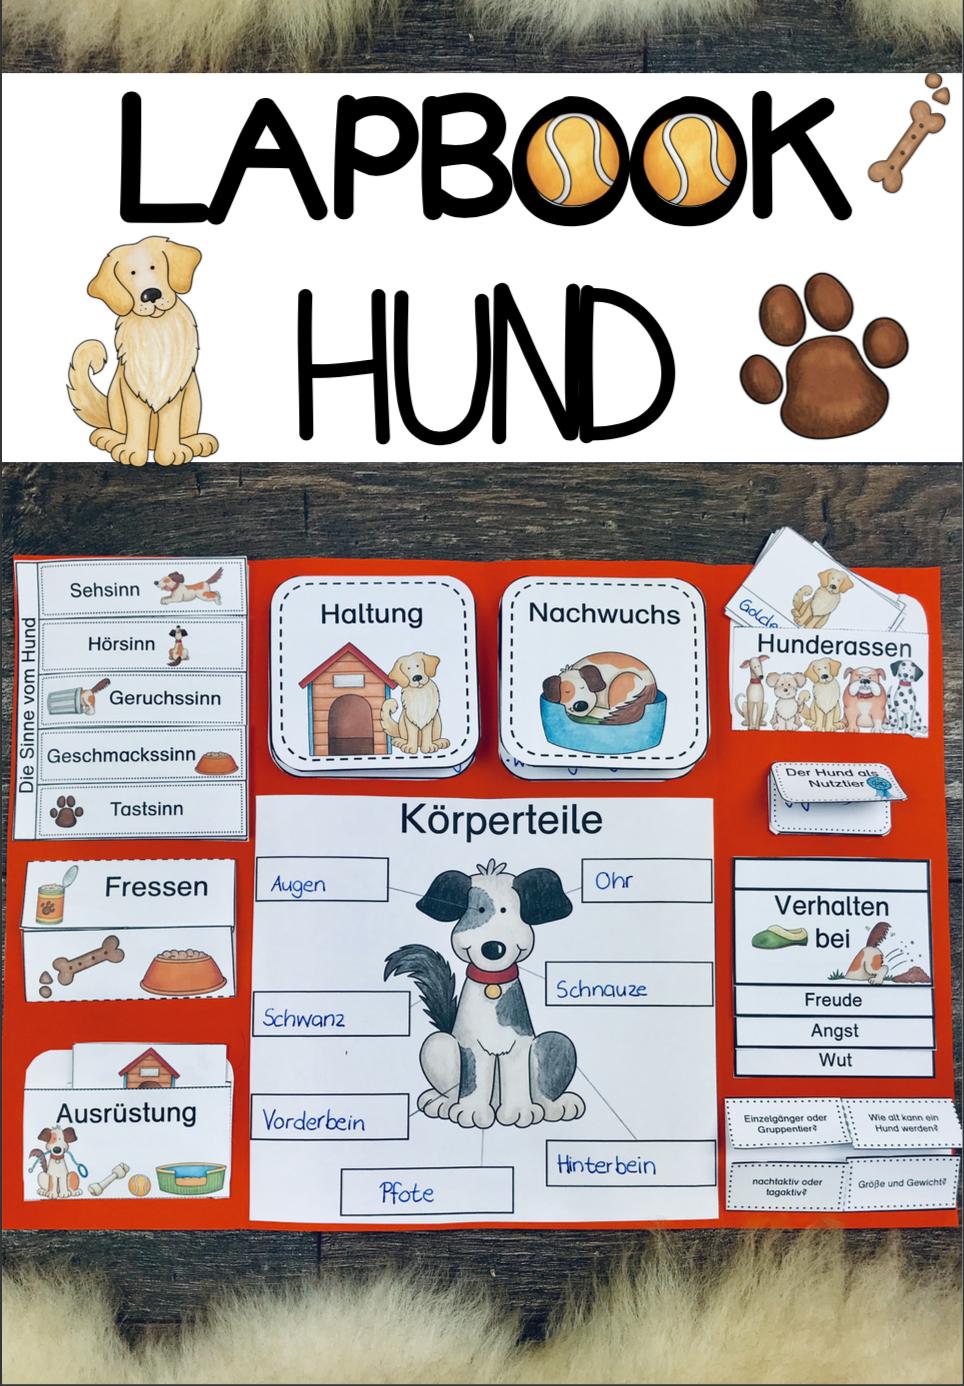 Lapbook Hund Hund Lapbook Lernheft Schulhund Haustier Projekt